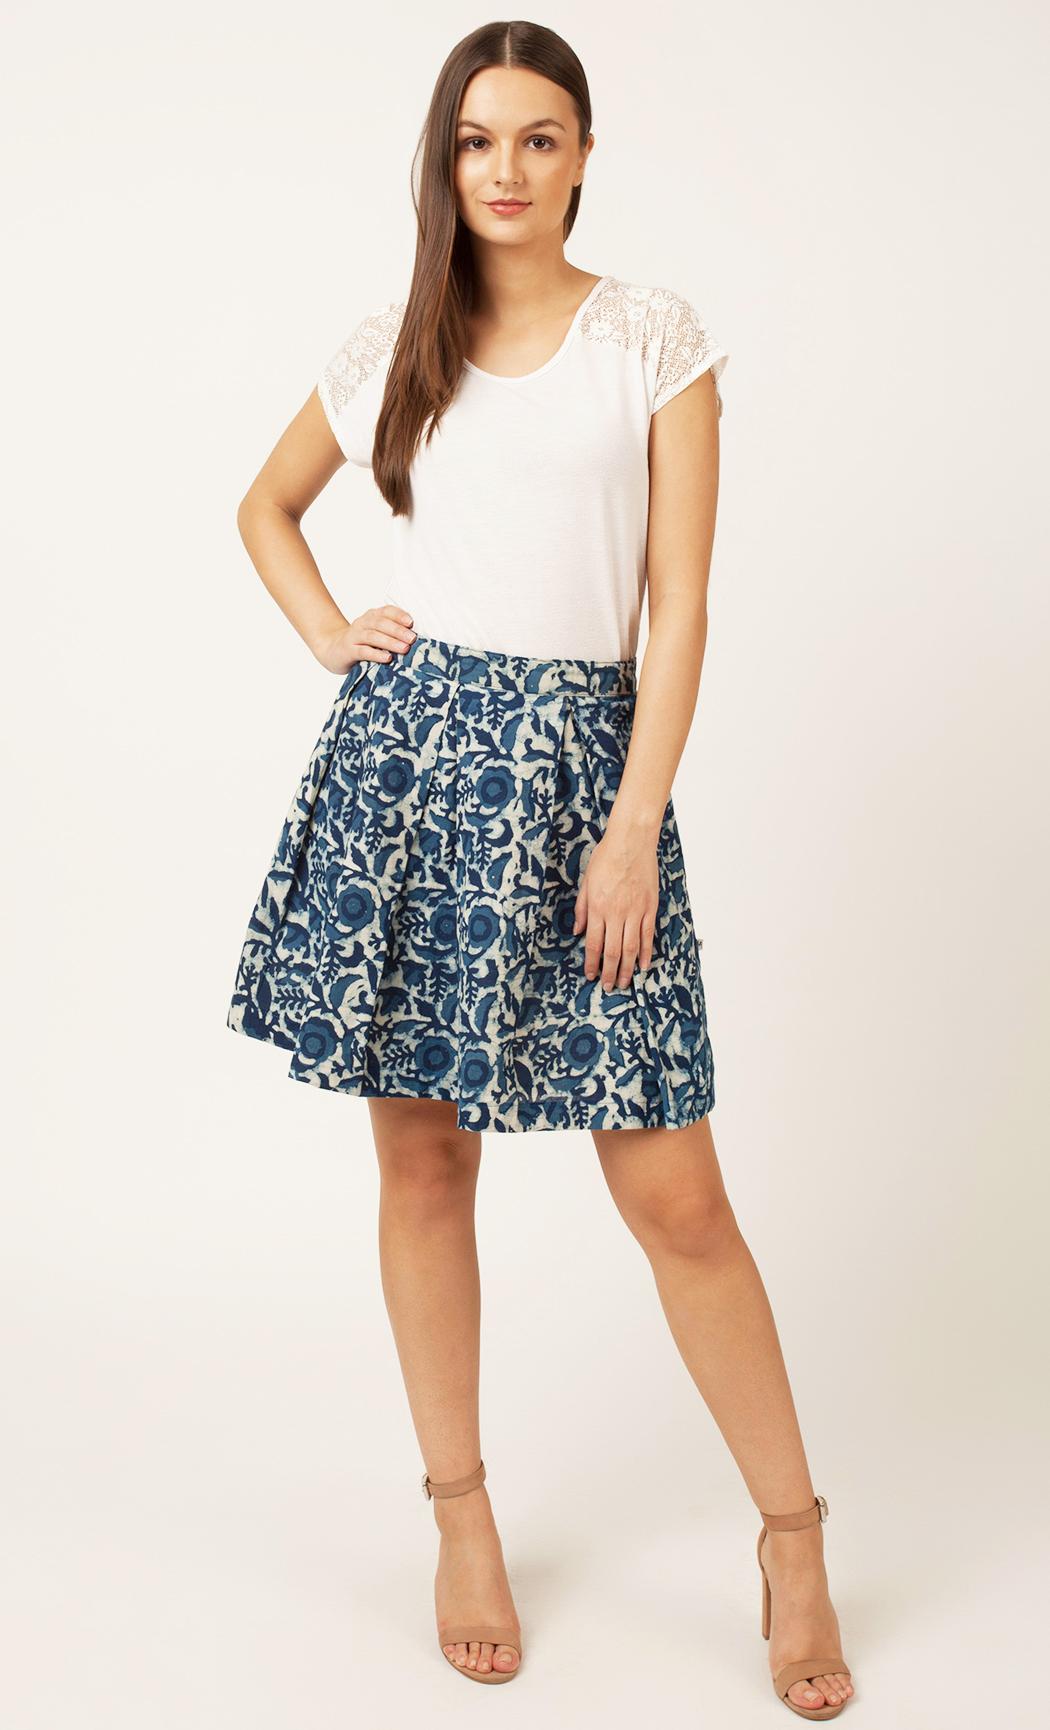 Blue Printed Skirt. Buy Online